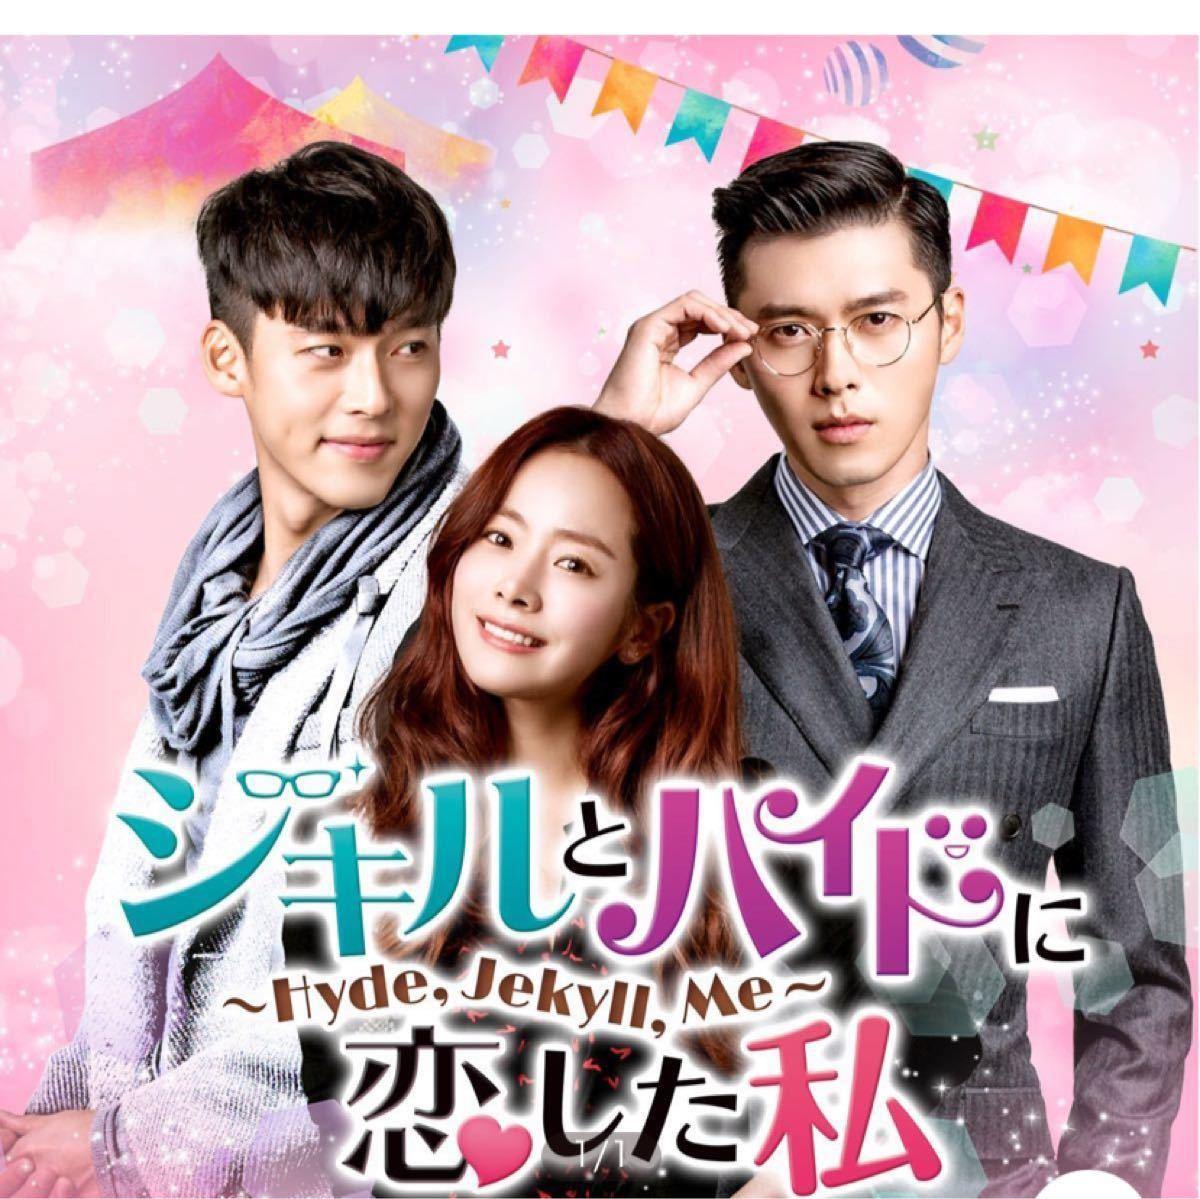 ◆バナナ様専用◆☆韓国ドラマ☆『ジキルとハイドに恋した私』『シークレット・ガーデン』Blu-ray  全話  クリアケース入